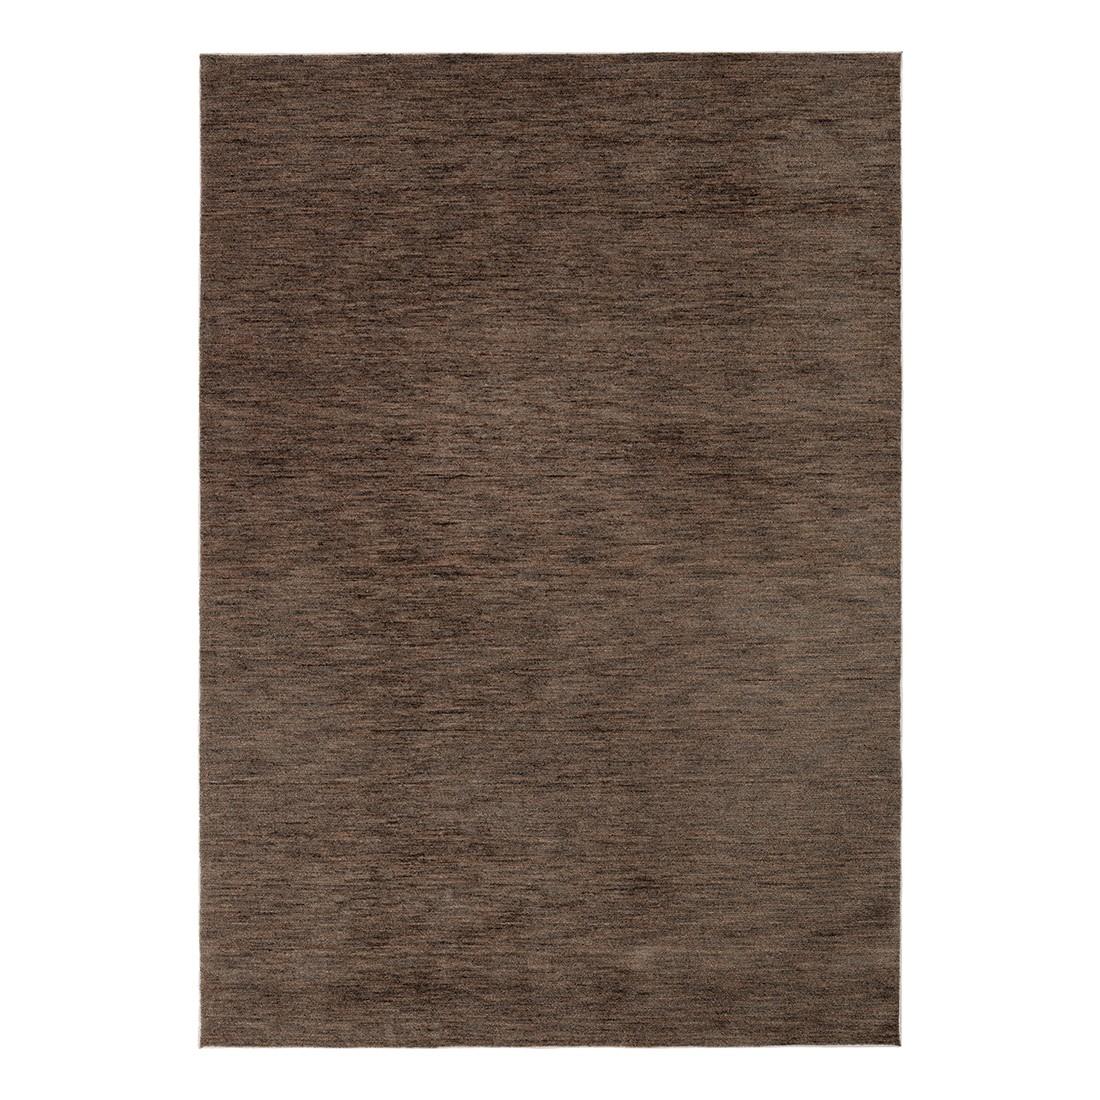 Teppich Shivaz – Braun – 90 x 160 cm, Schöner Wohnen Kollektion online bestellen